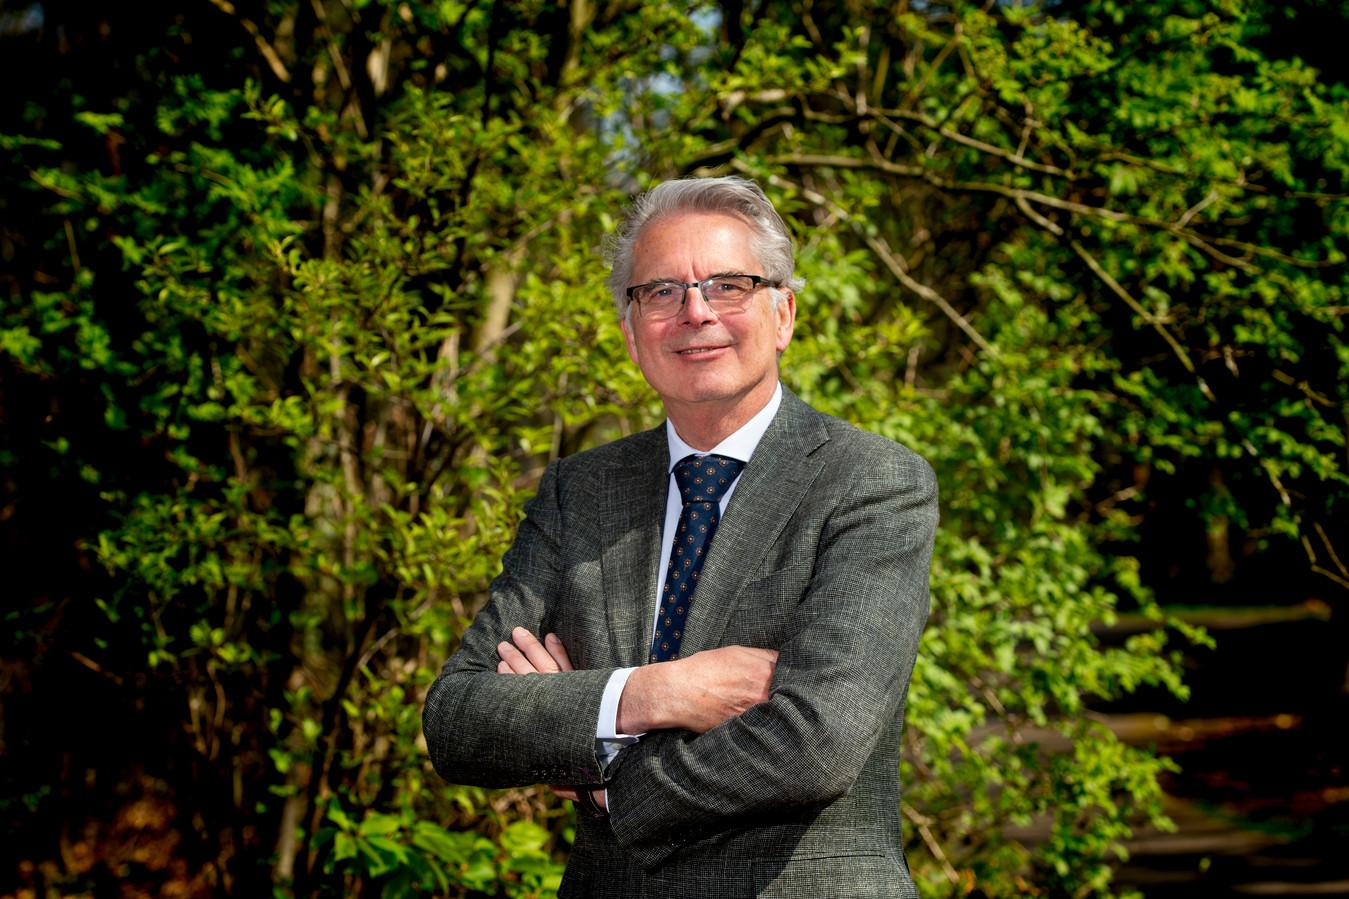 Michel Galjee, bestuursvoorzitter van Gelre ziekenhuizen, moet grote keuzes maken voor de ziekenhuizen in Zutphen en Apeldoorn.